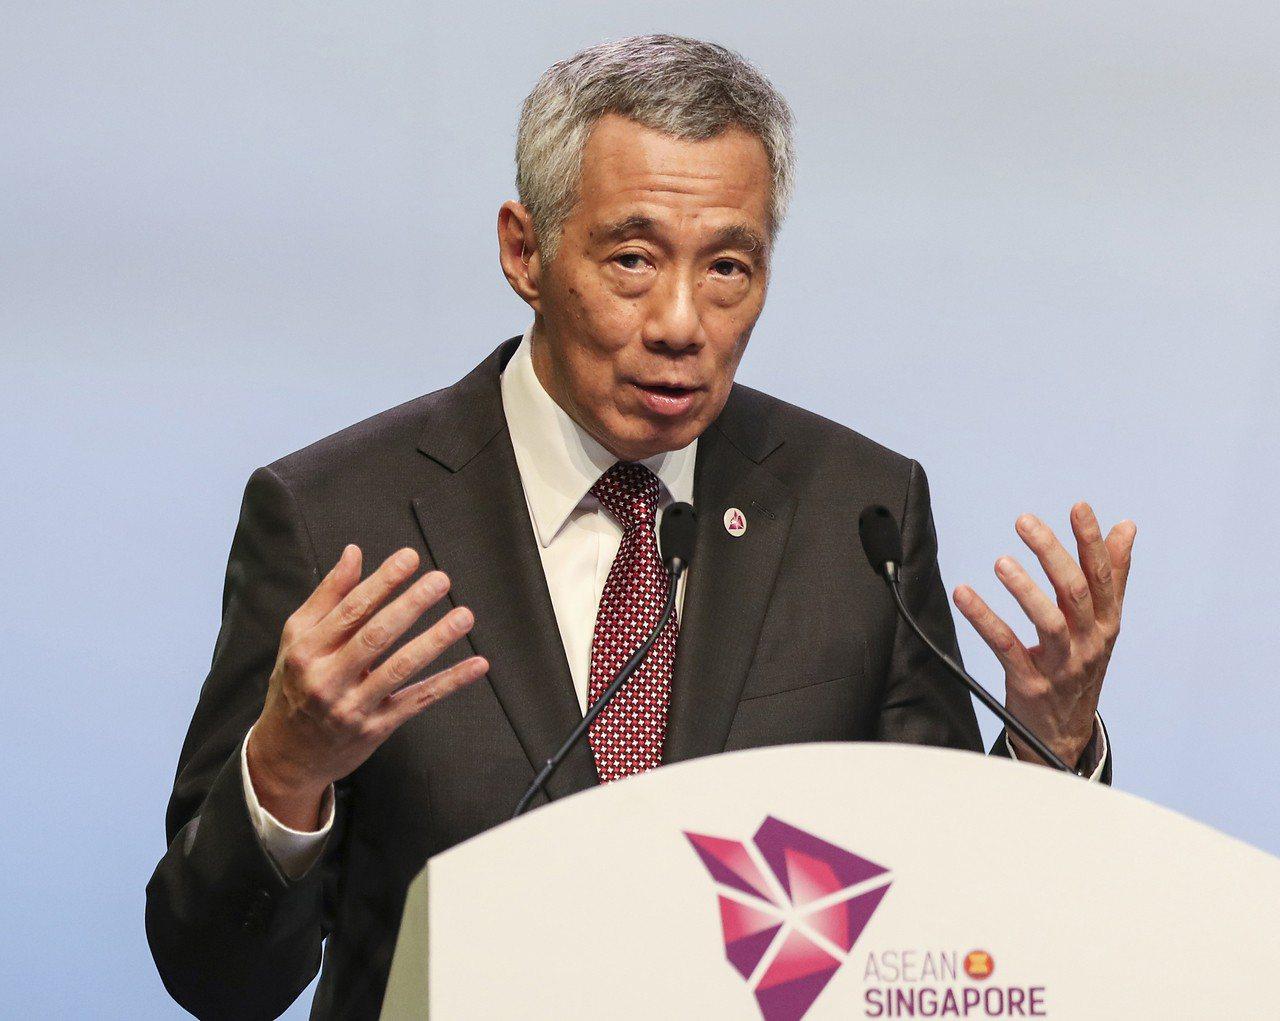 新加坡總理李顯龍的就醫資料去年在網路被盜取。美聯社